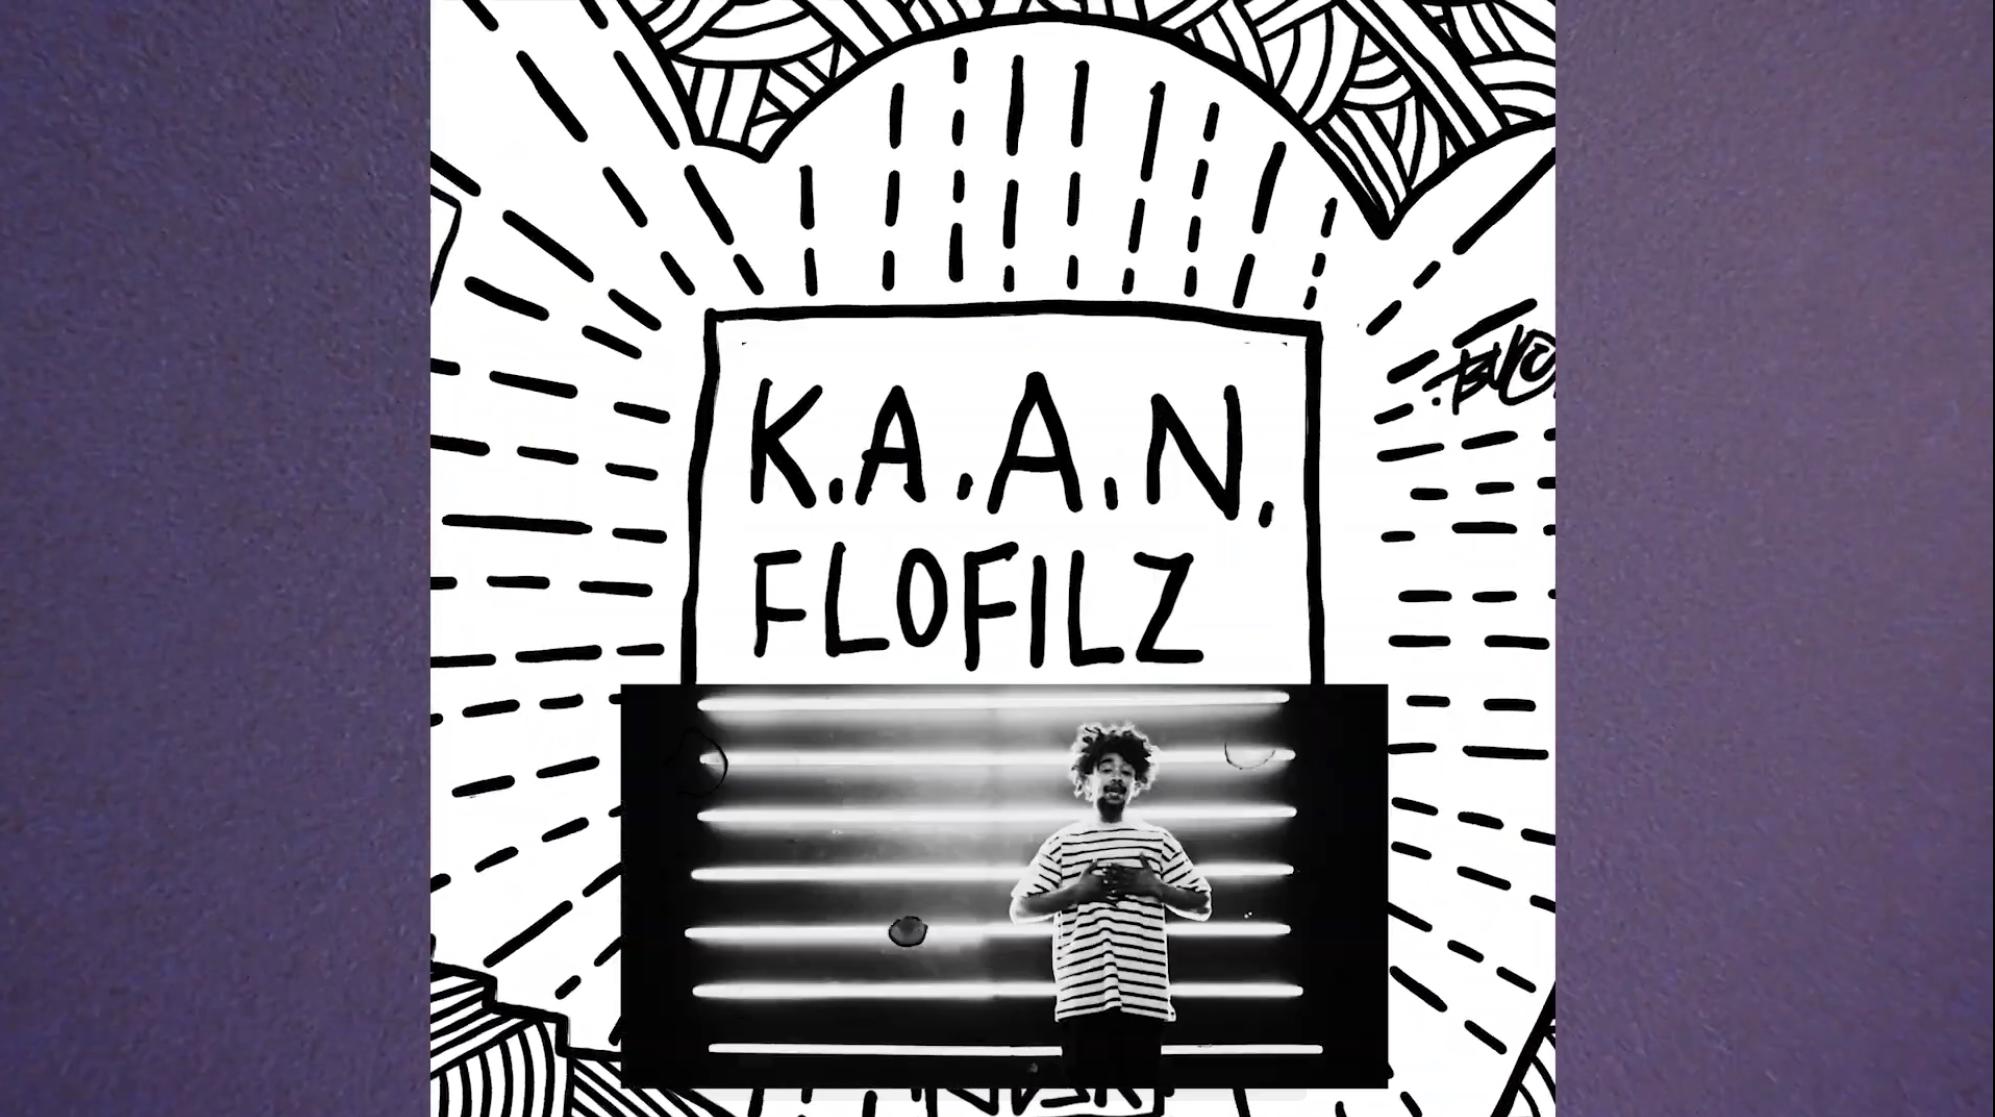 """K.A.A.N. & Flofilz - """"Simonal"""" feat. Blu (OFFICIAL VIDEO)"""